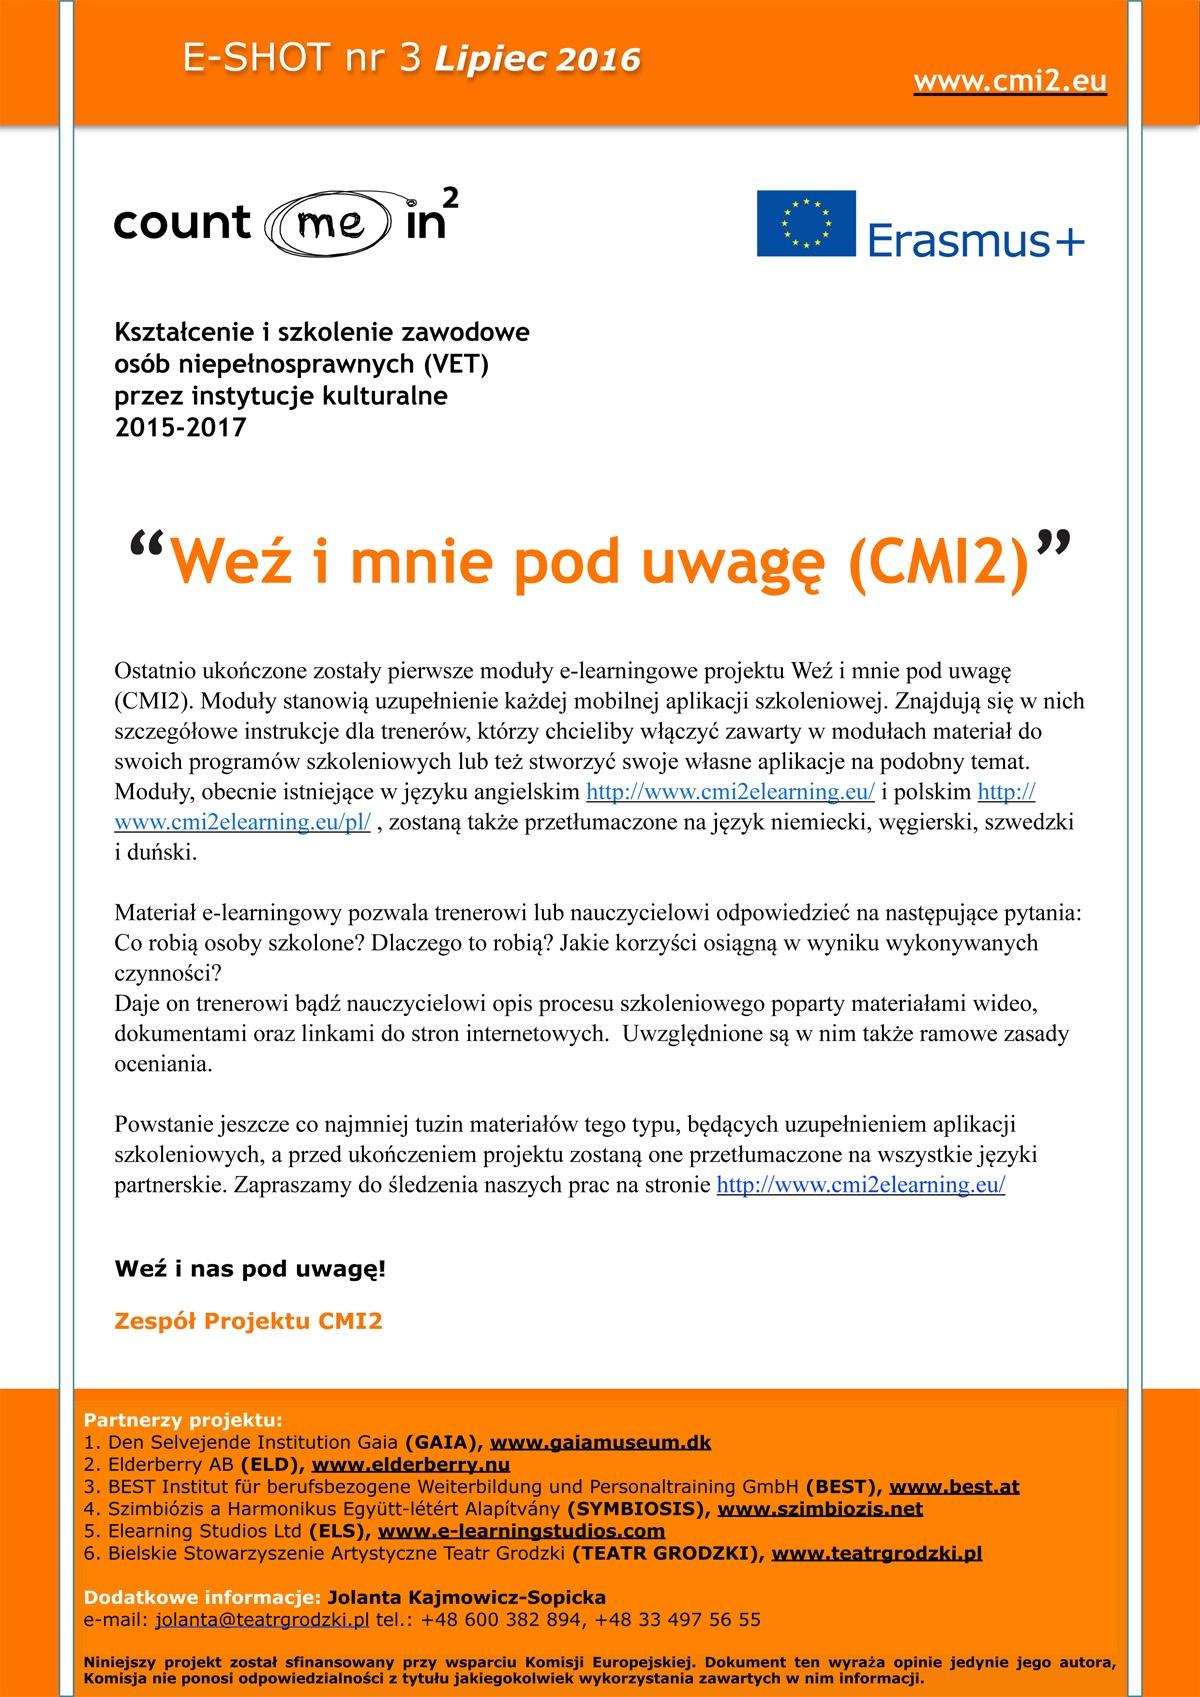 CMI2 e_shot 08_07_2016_polski